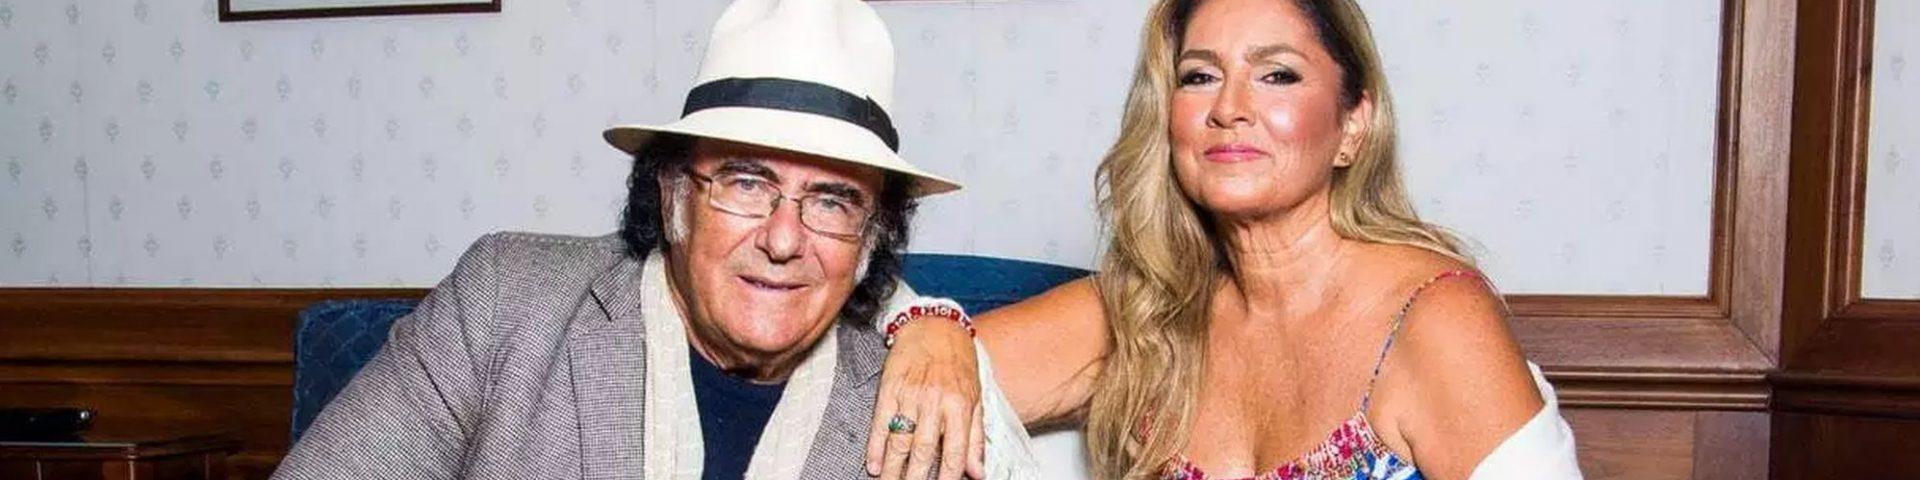 La Notte Italiana: da Al Bano e Romina a Toto Cutugno, i dettagli